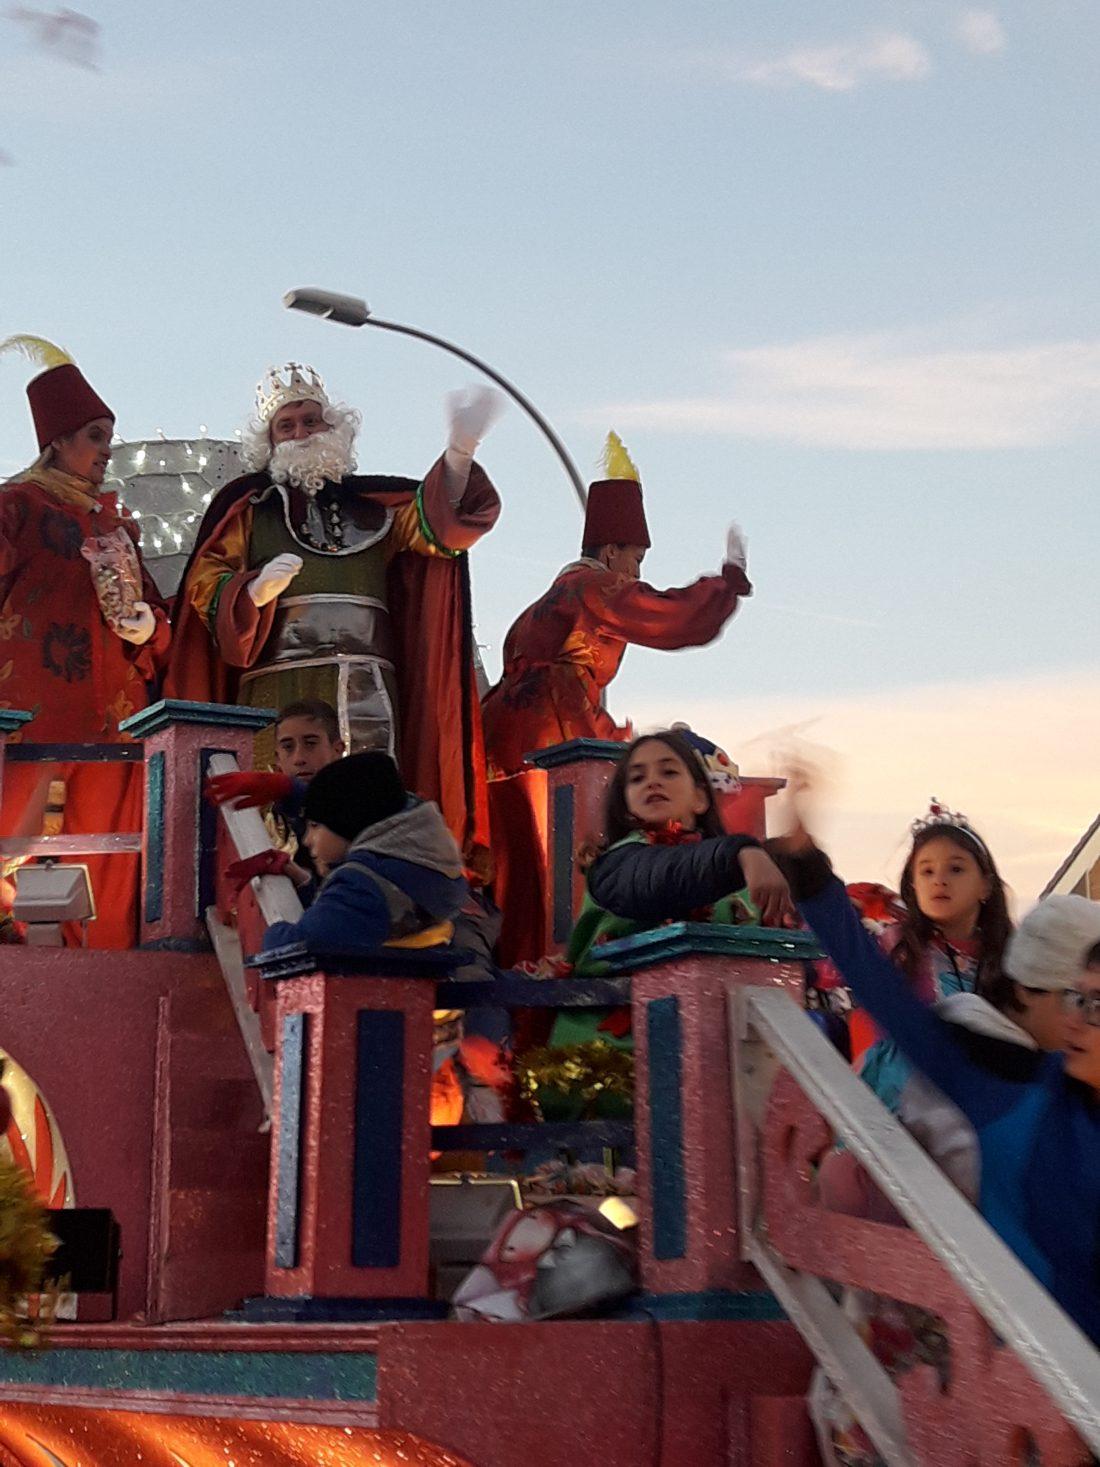 El Rey Melchor en su carroza visita Villa de Vallecas